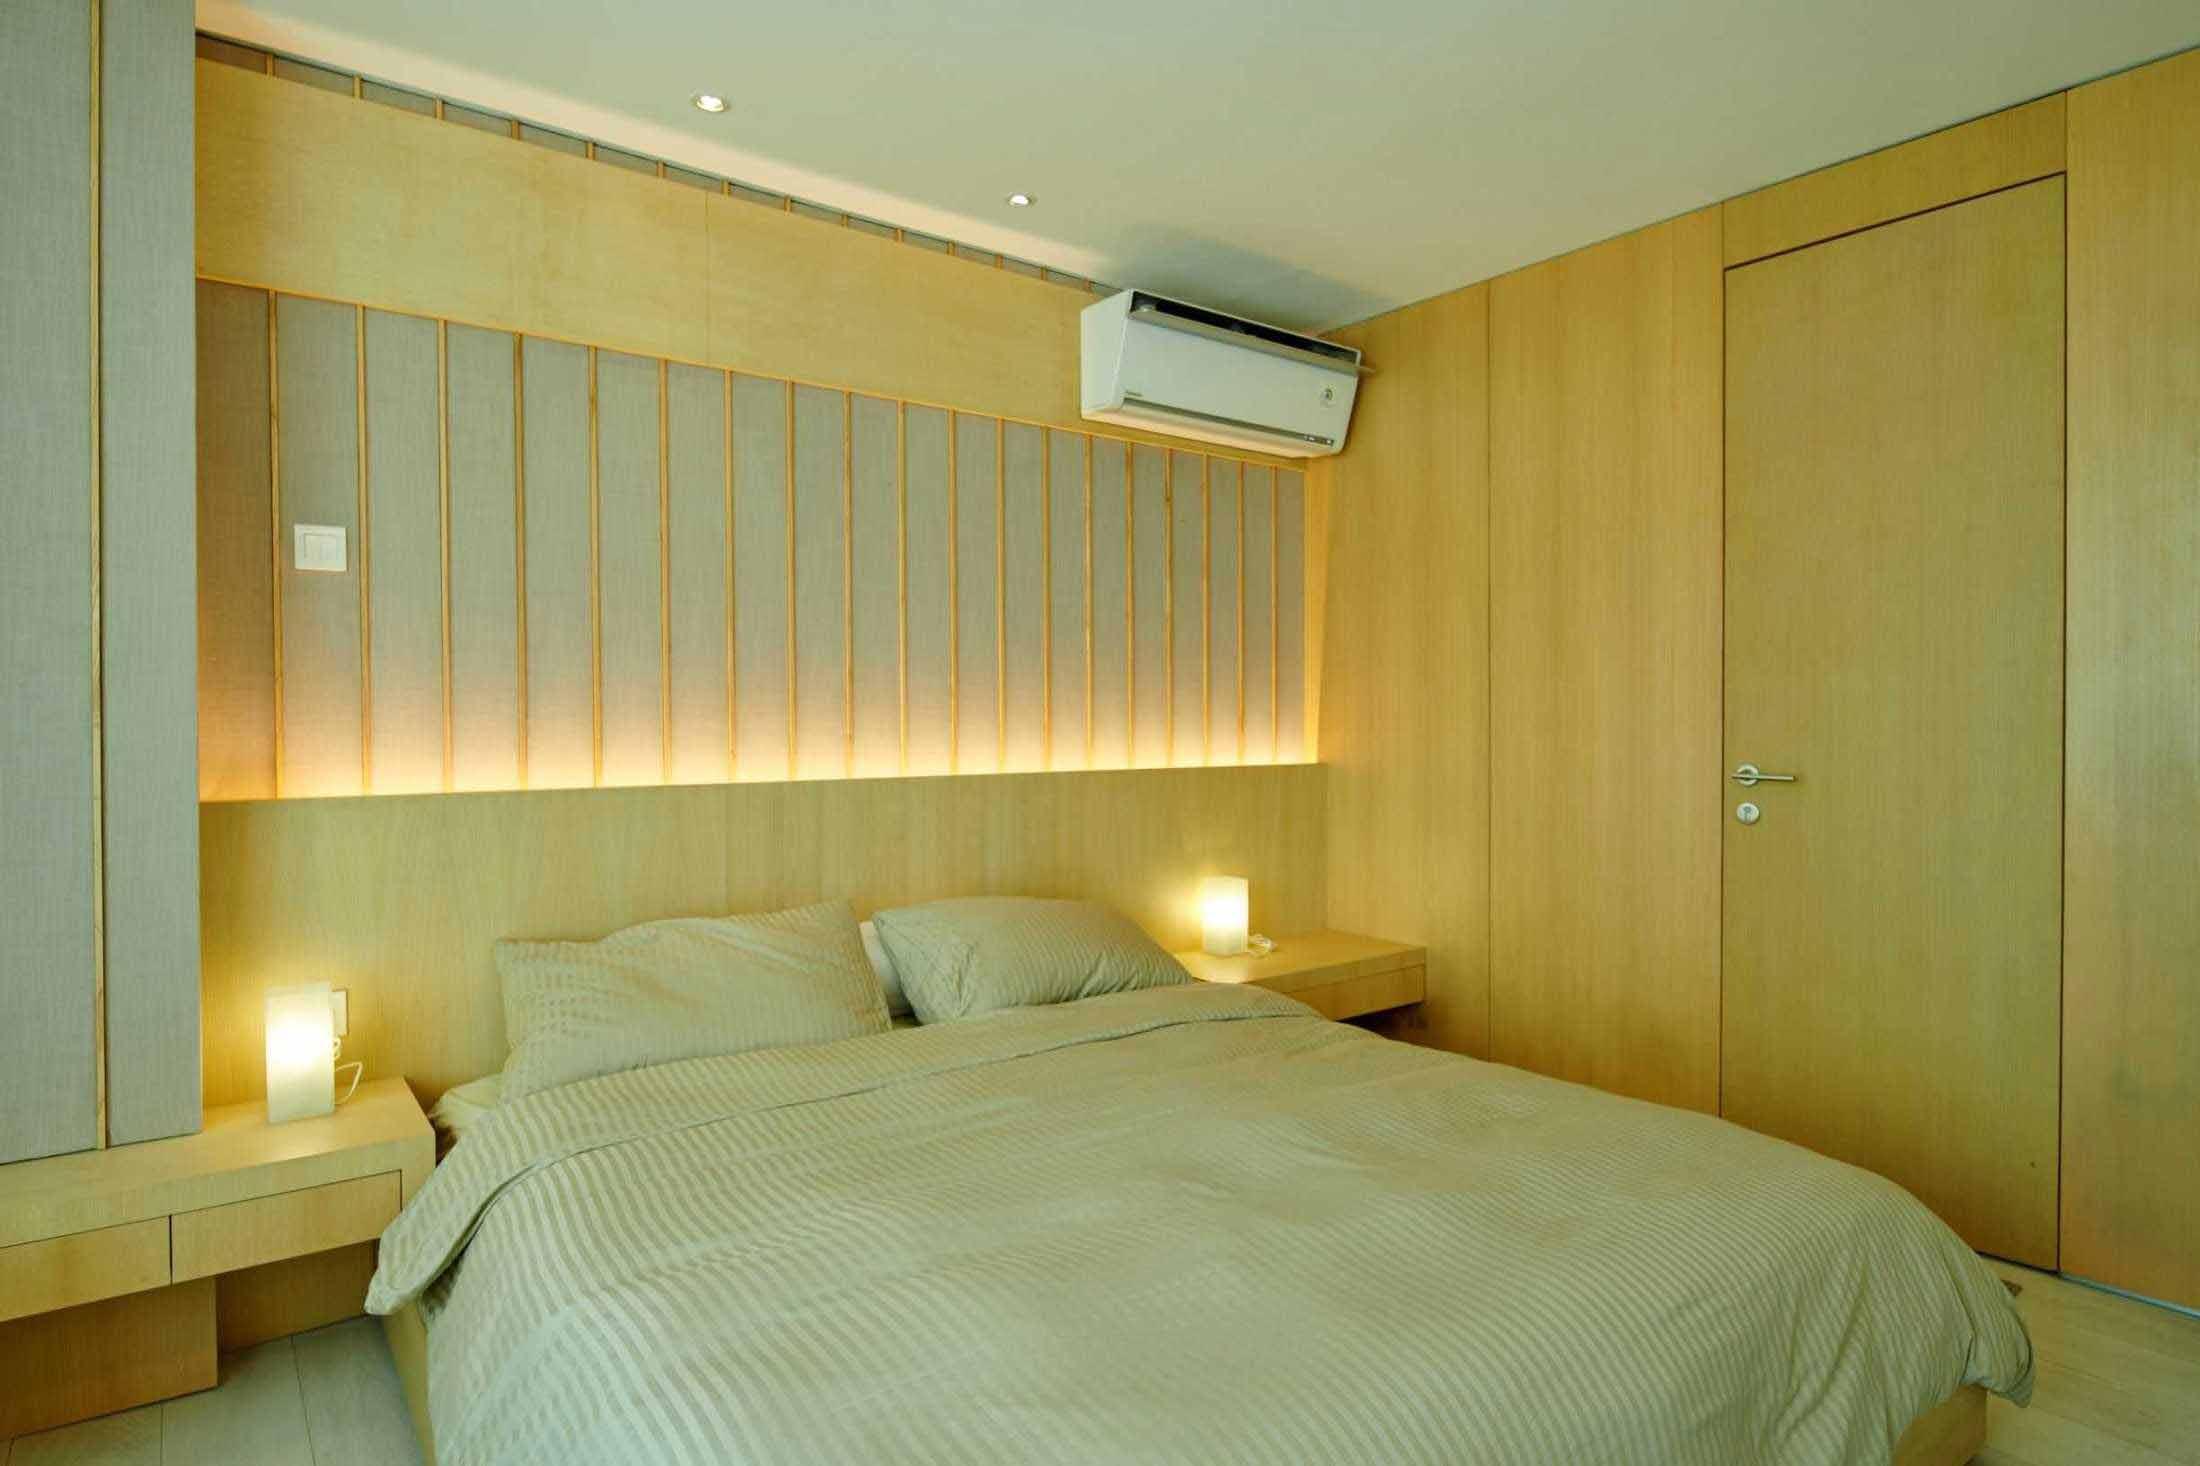 Kamar tidur nyaman dengan dominasi nuansa kayu, karya Hadivincent Architects, via arsitag.com